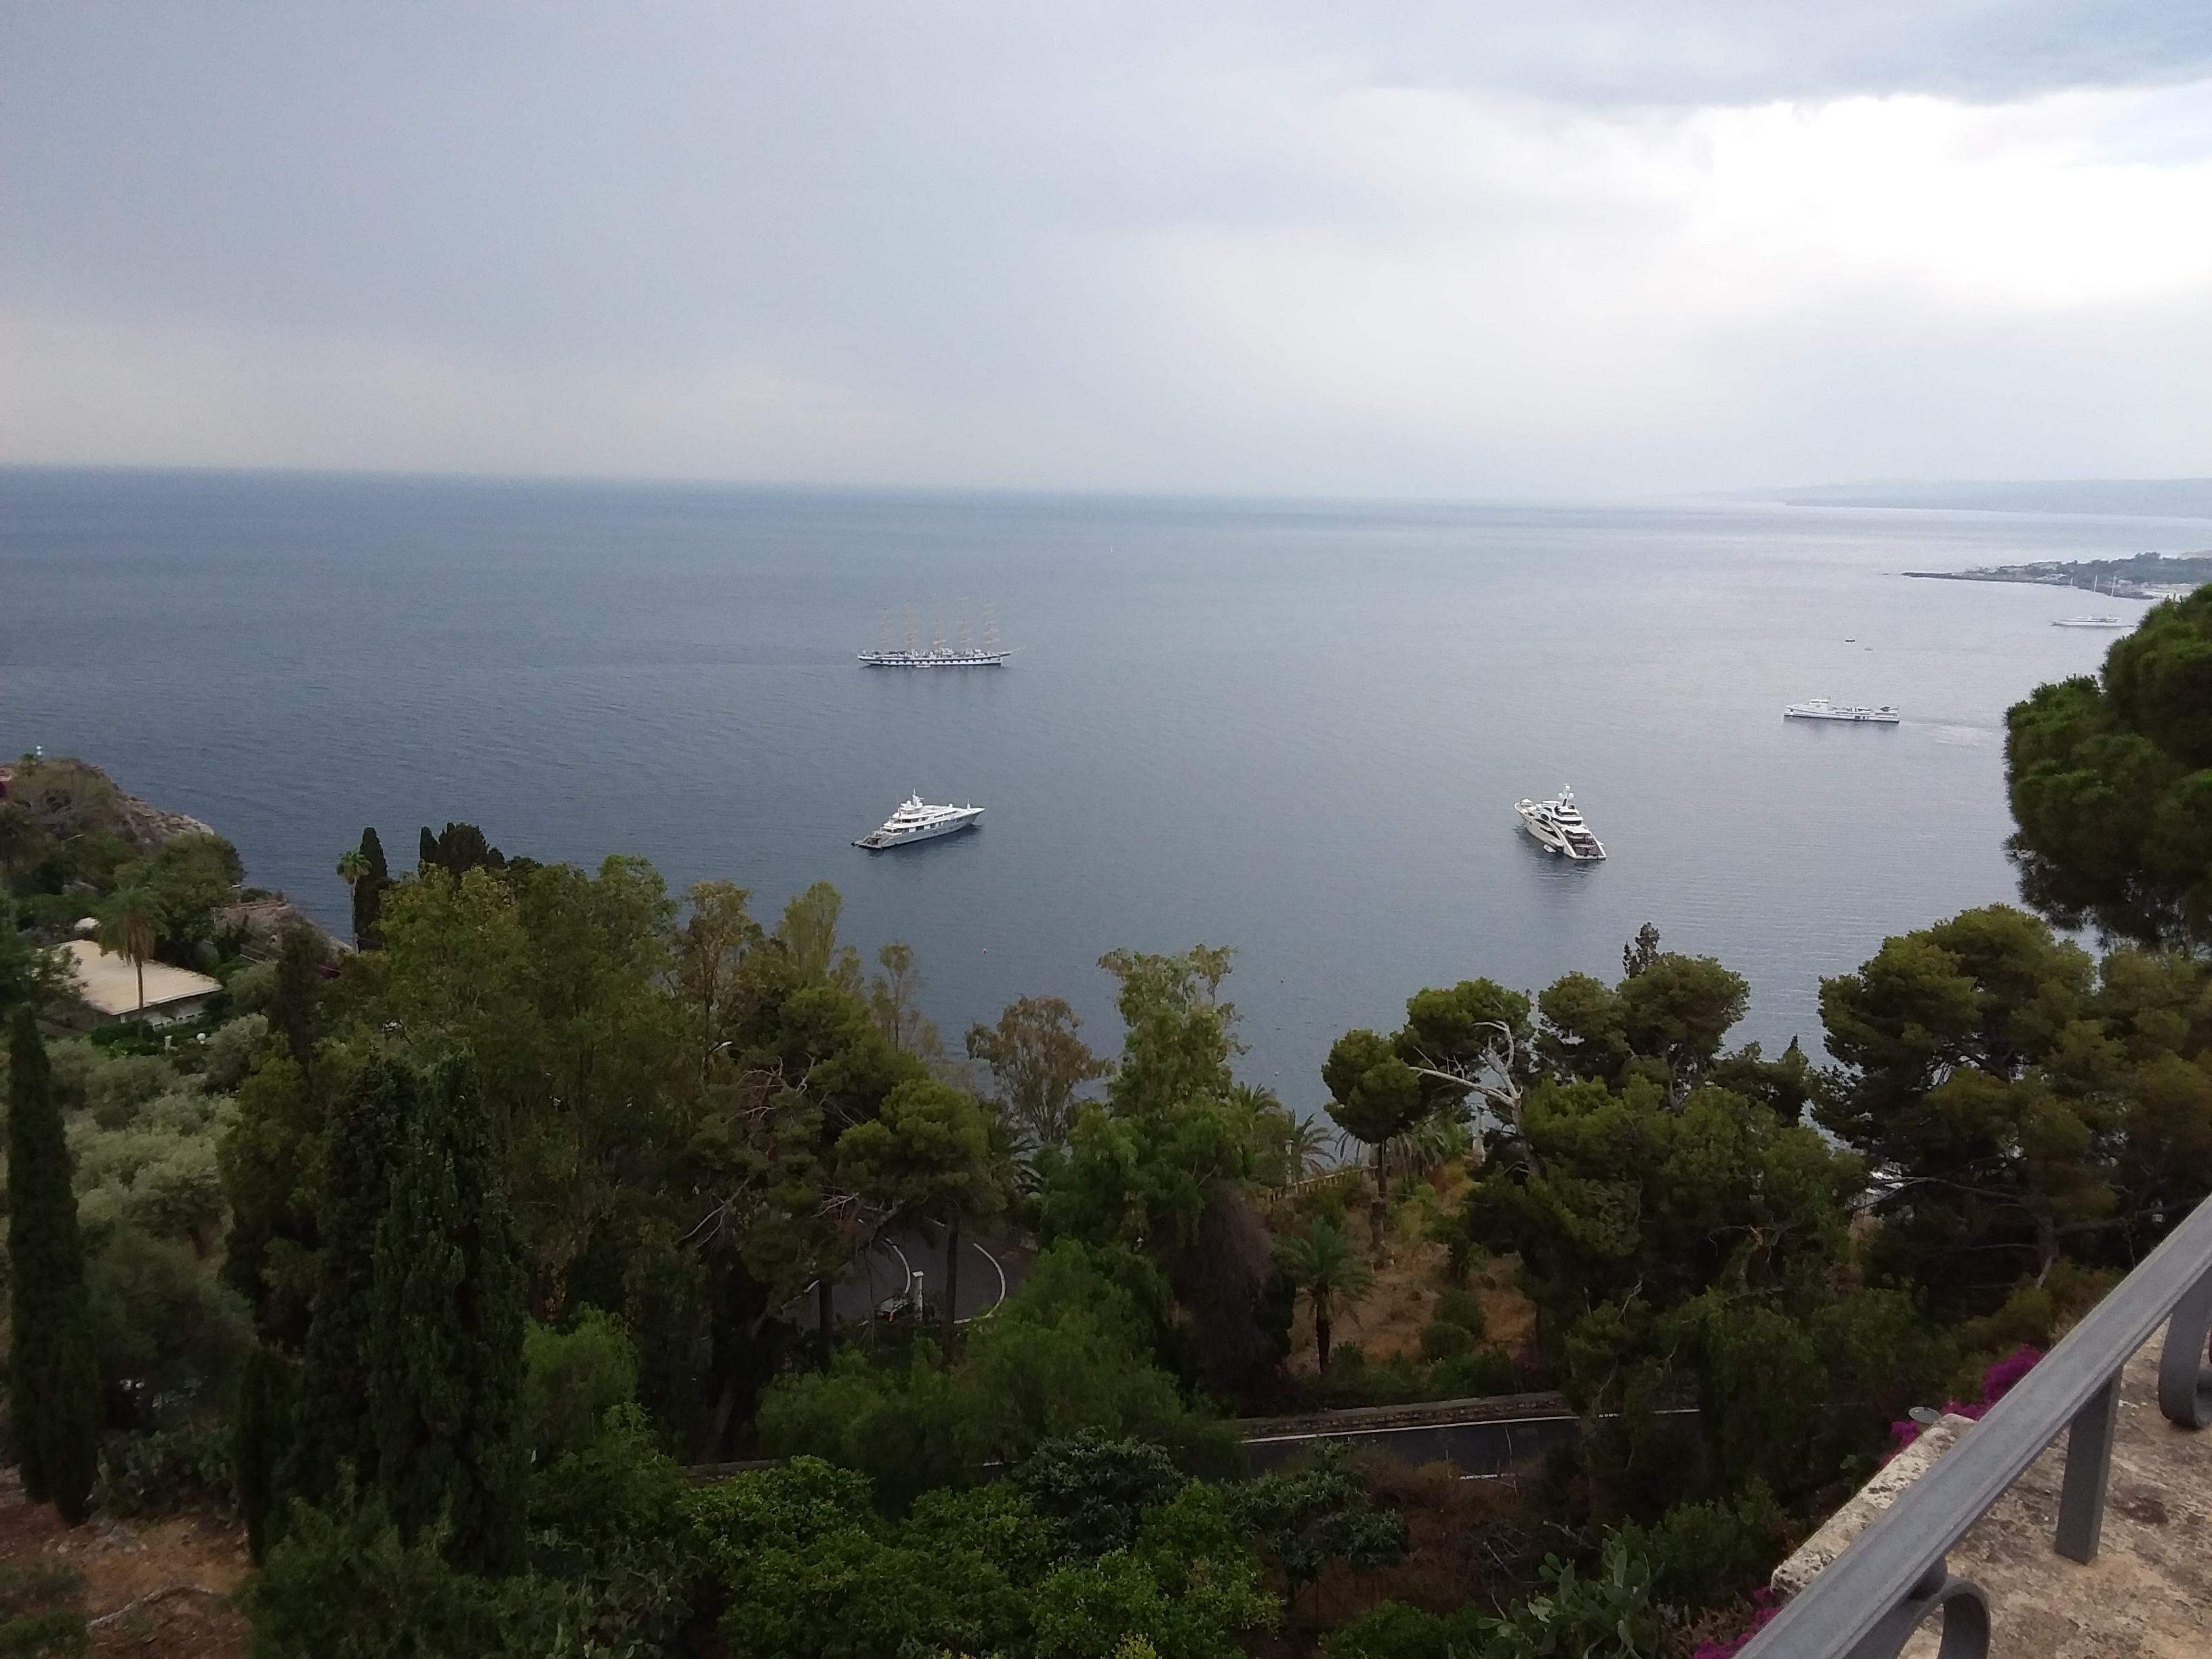 Hotel Bel Soggiorno, Küste von Taormina: Hotelbewertungen 2019 ...